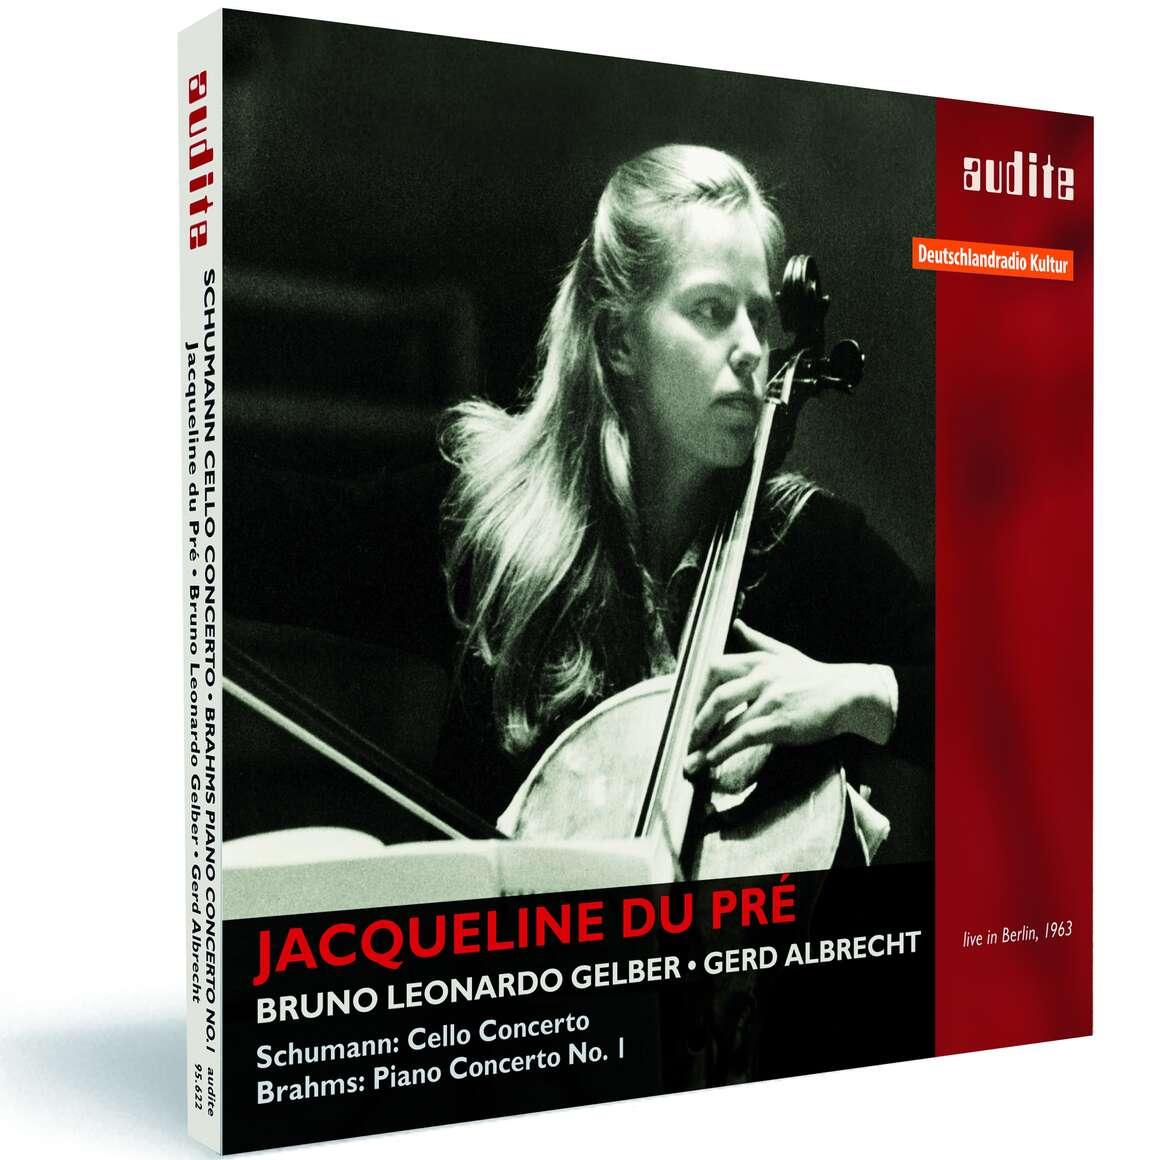 Robert Schumann: Cello Concerto, Op. 129 & Johannes Brahms: Piano Concerto, Op. 15